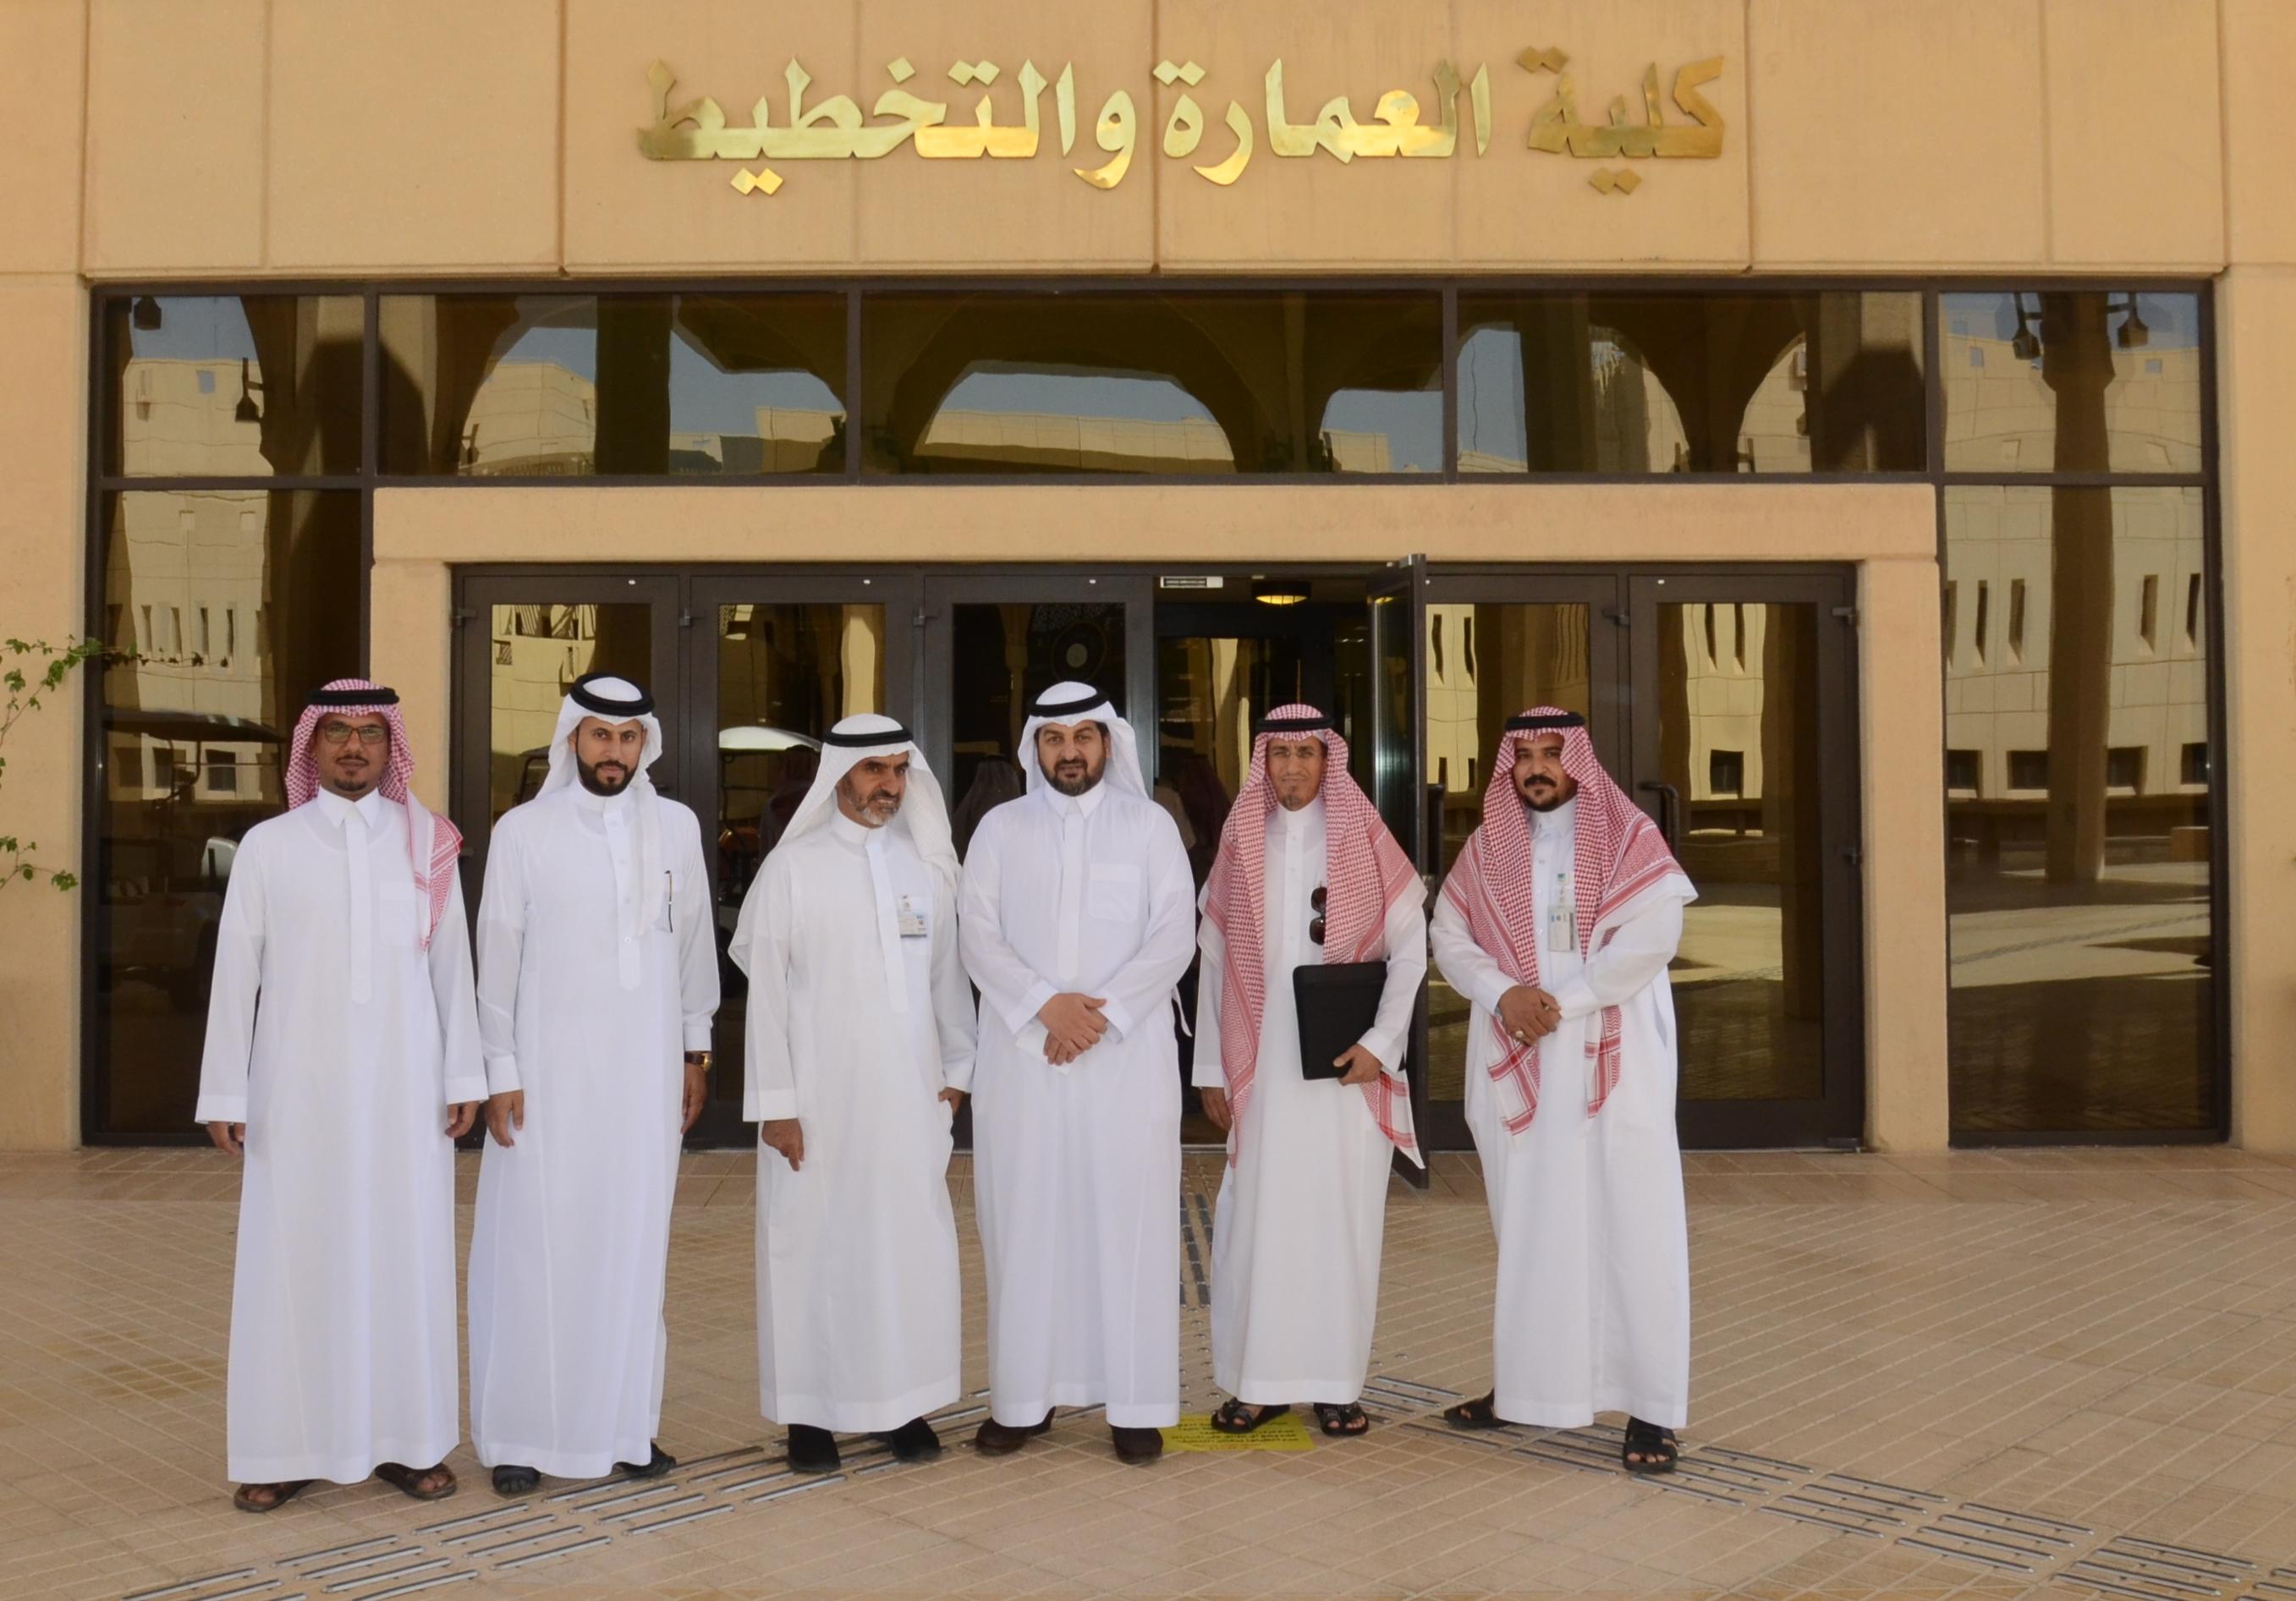 كلية العمارة والتخطيط تستقبل  وكيل الجامعة للشؤون التعليمية والأكاديمية